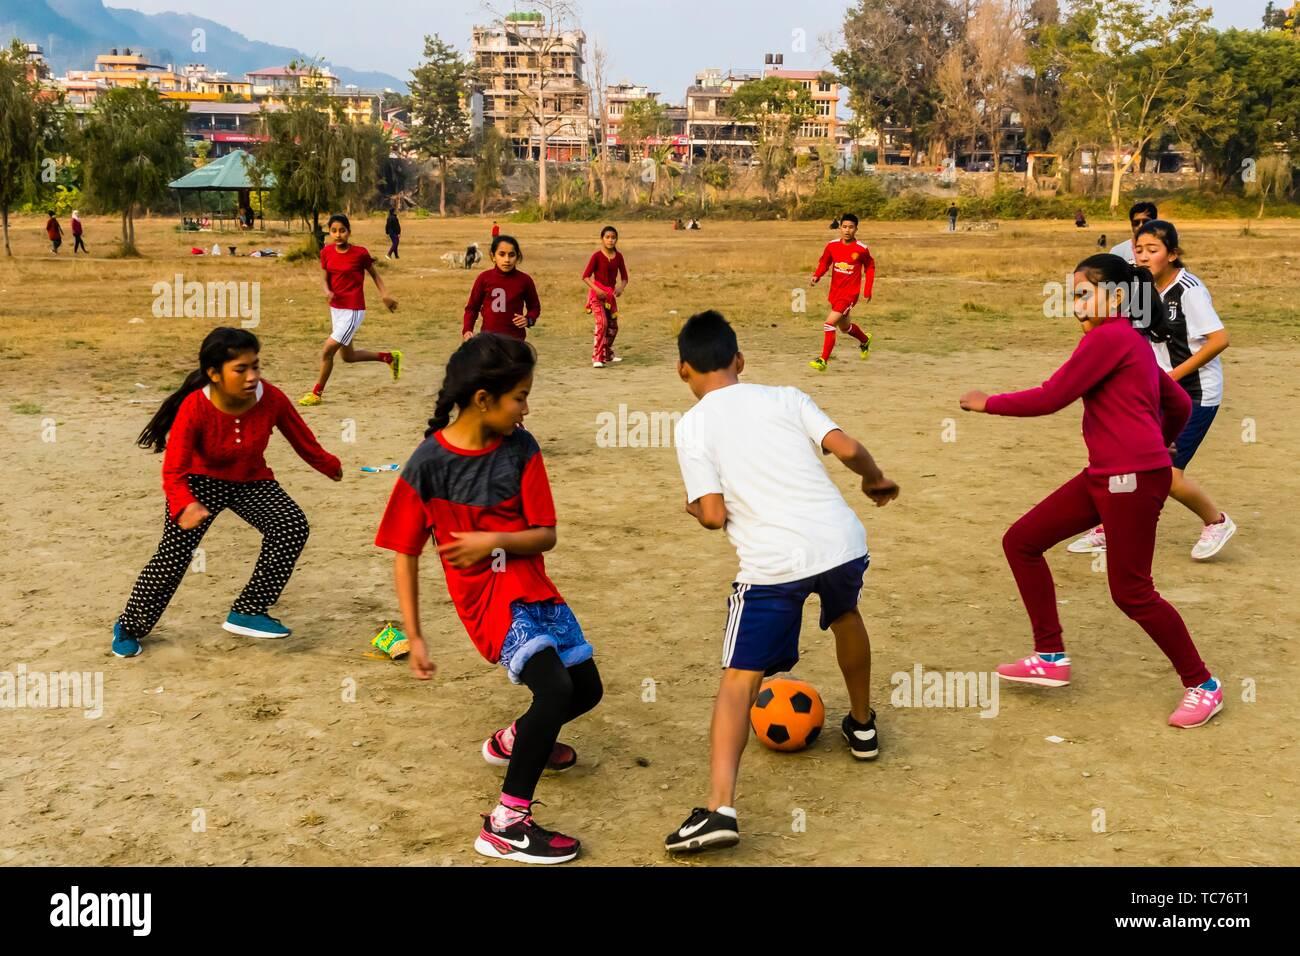 Mädchen und Jungen Fußball spielen, Lakeside, Pokhara, Nepal. Stockbild